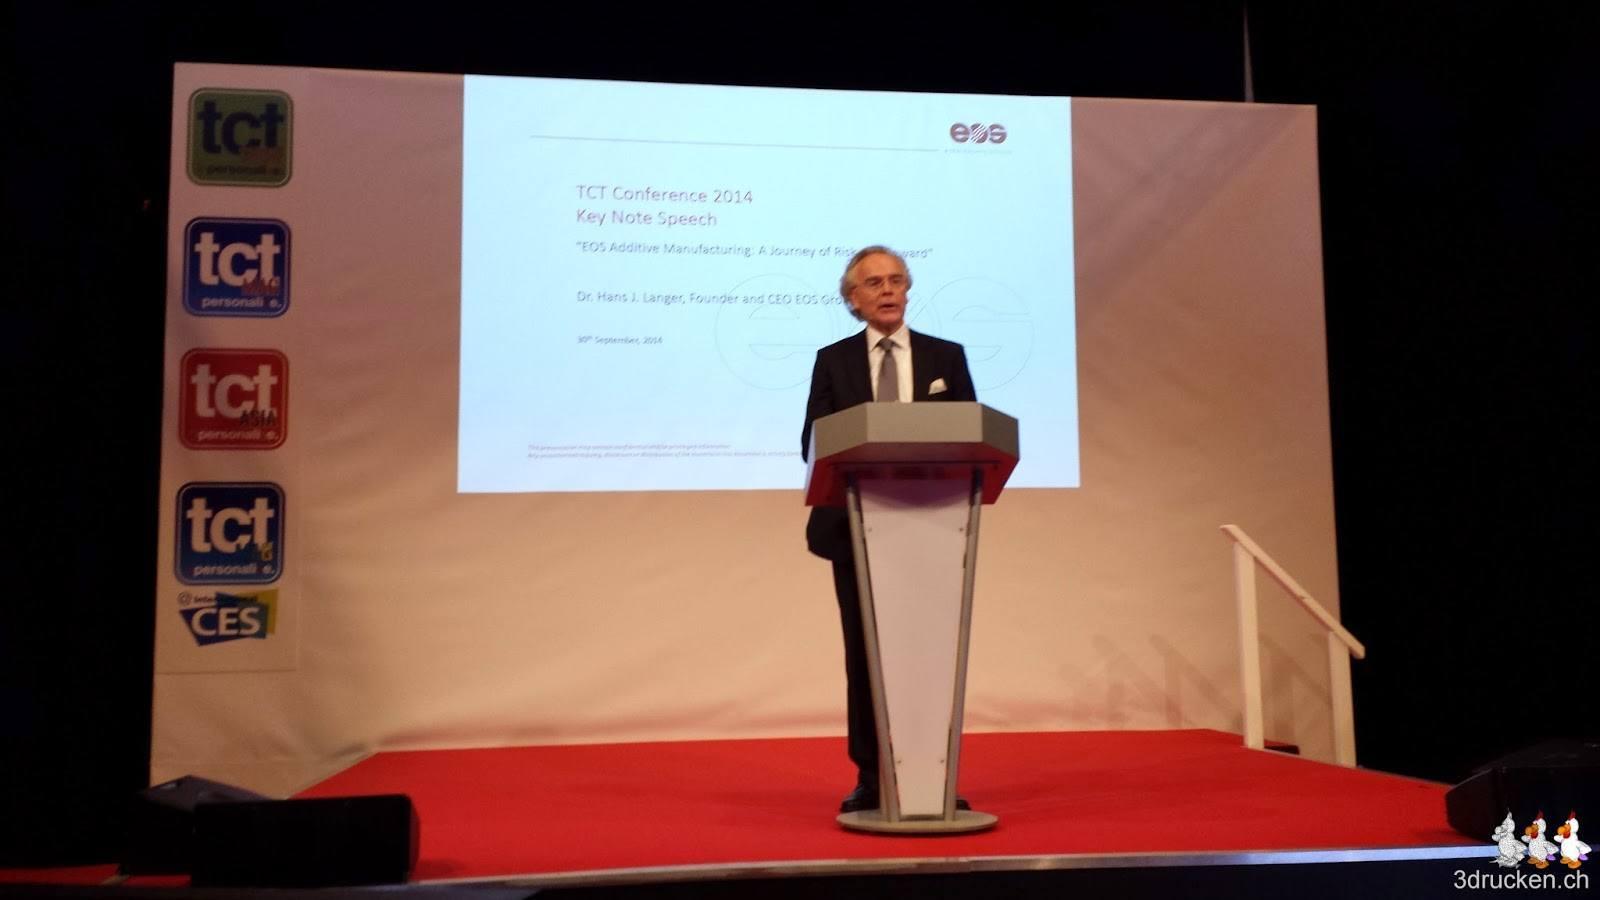 Foto von Dr. Hans Langer bei seiner Präsentation an der TCT Show 2014 in Birmingham